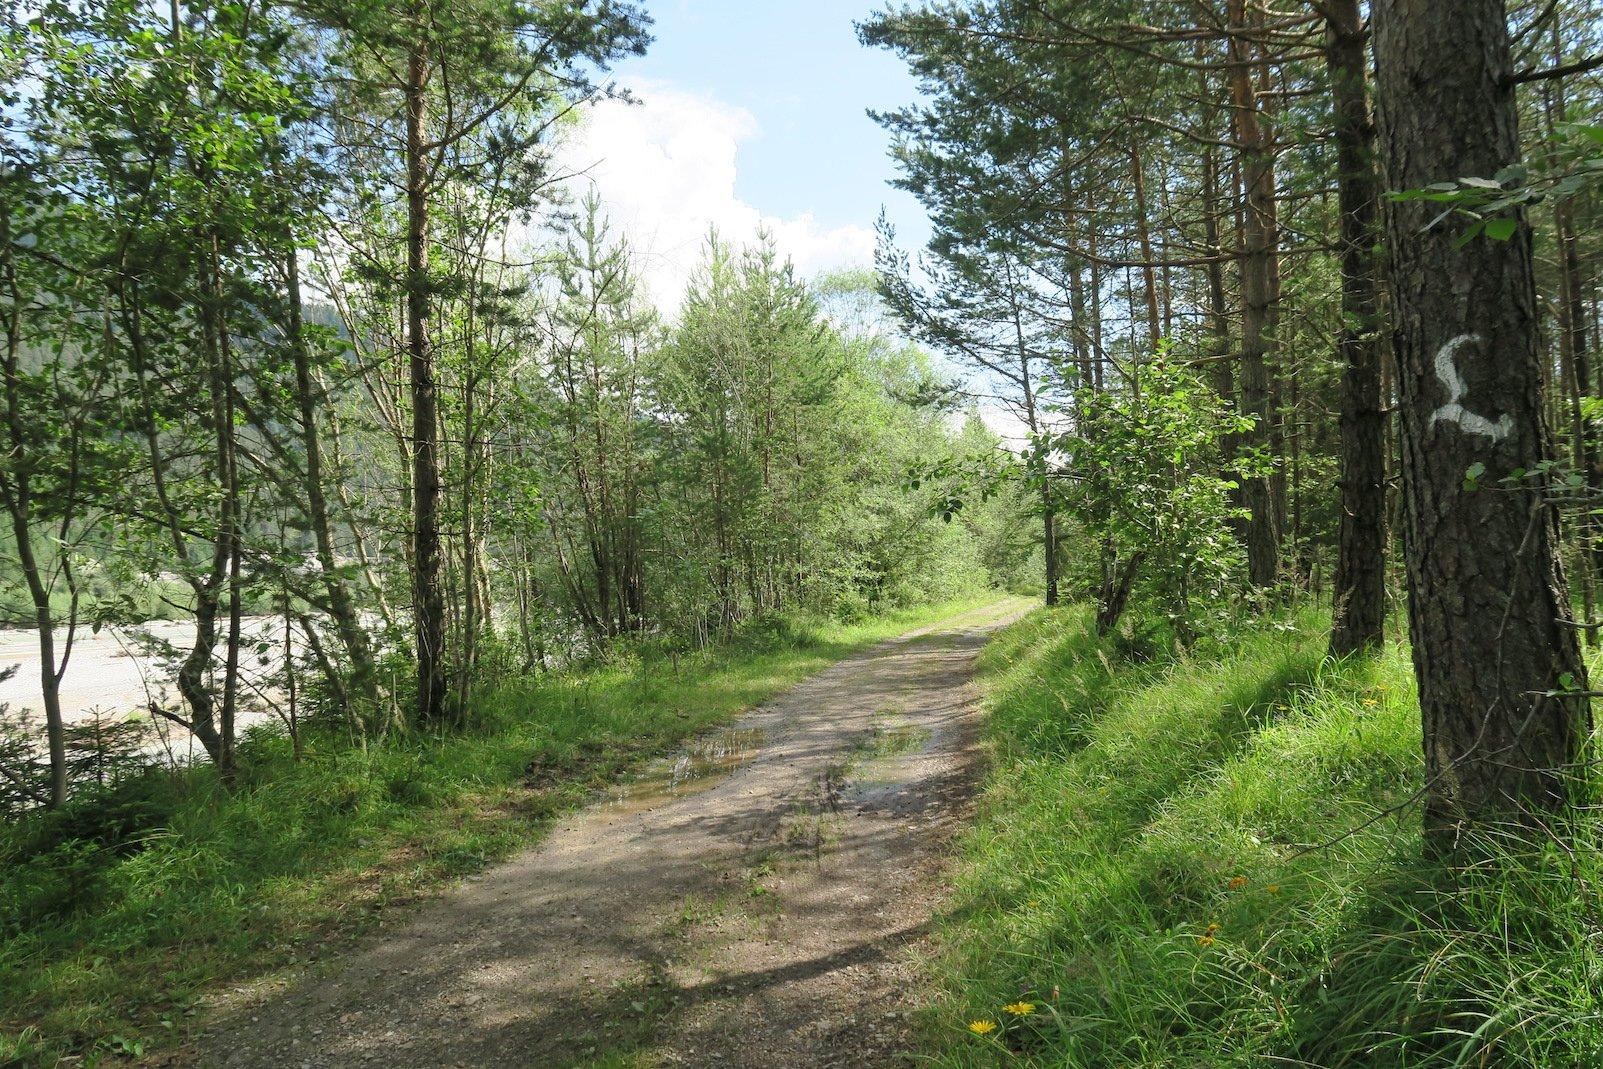 Gemütlicher Wanderweg mit ein wenig Schatten auf dem Lechweg